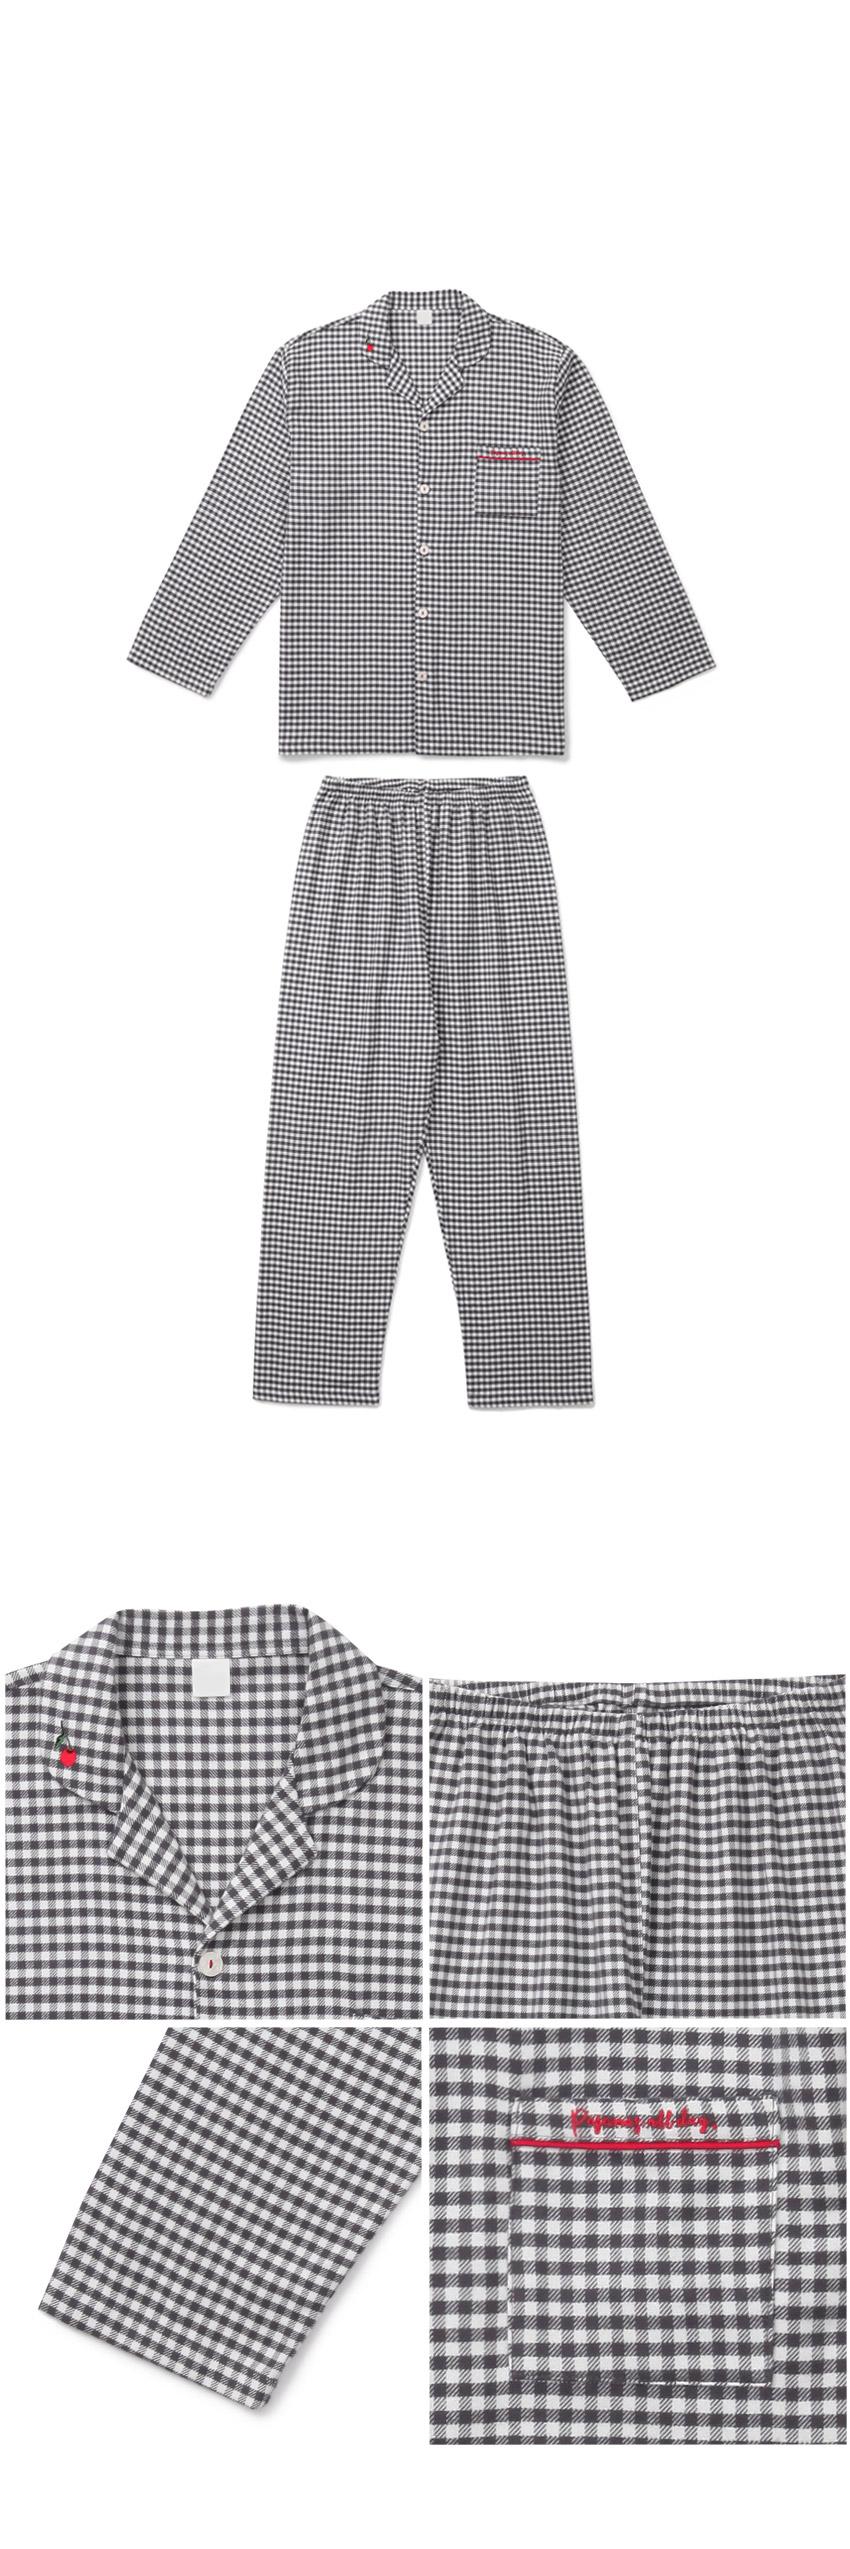 코지체크 기모면 커플겨울잠옷 - 바이메이비, 135,000원, 잠옷, 커플파자마